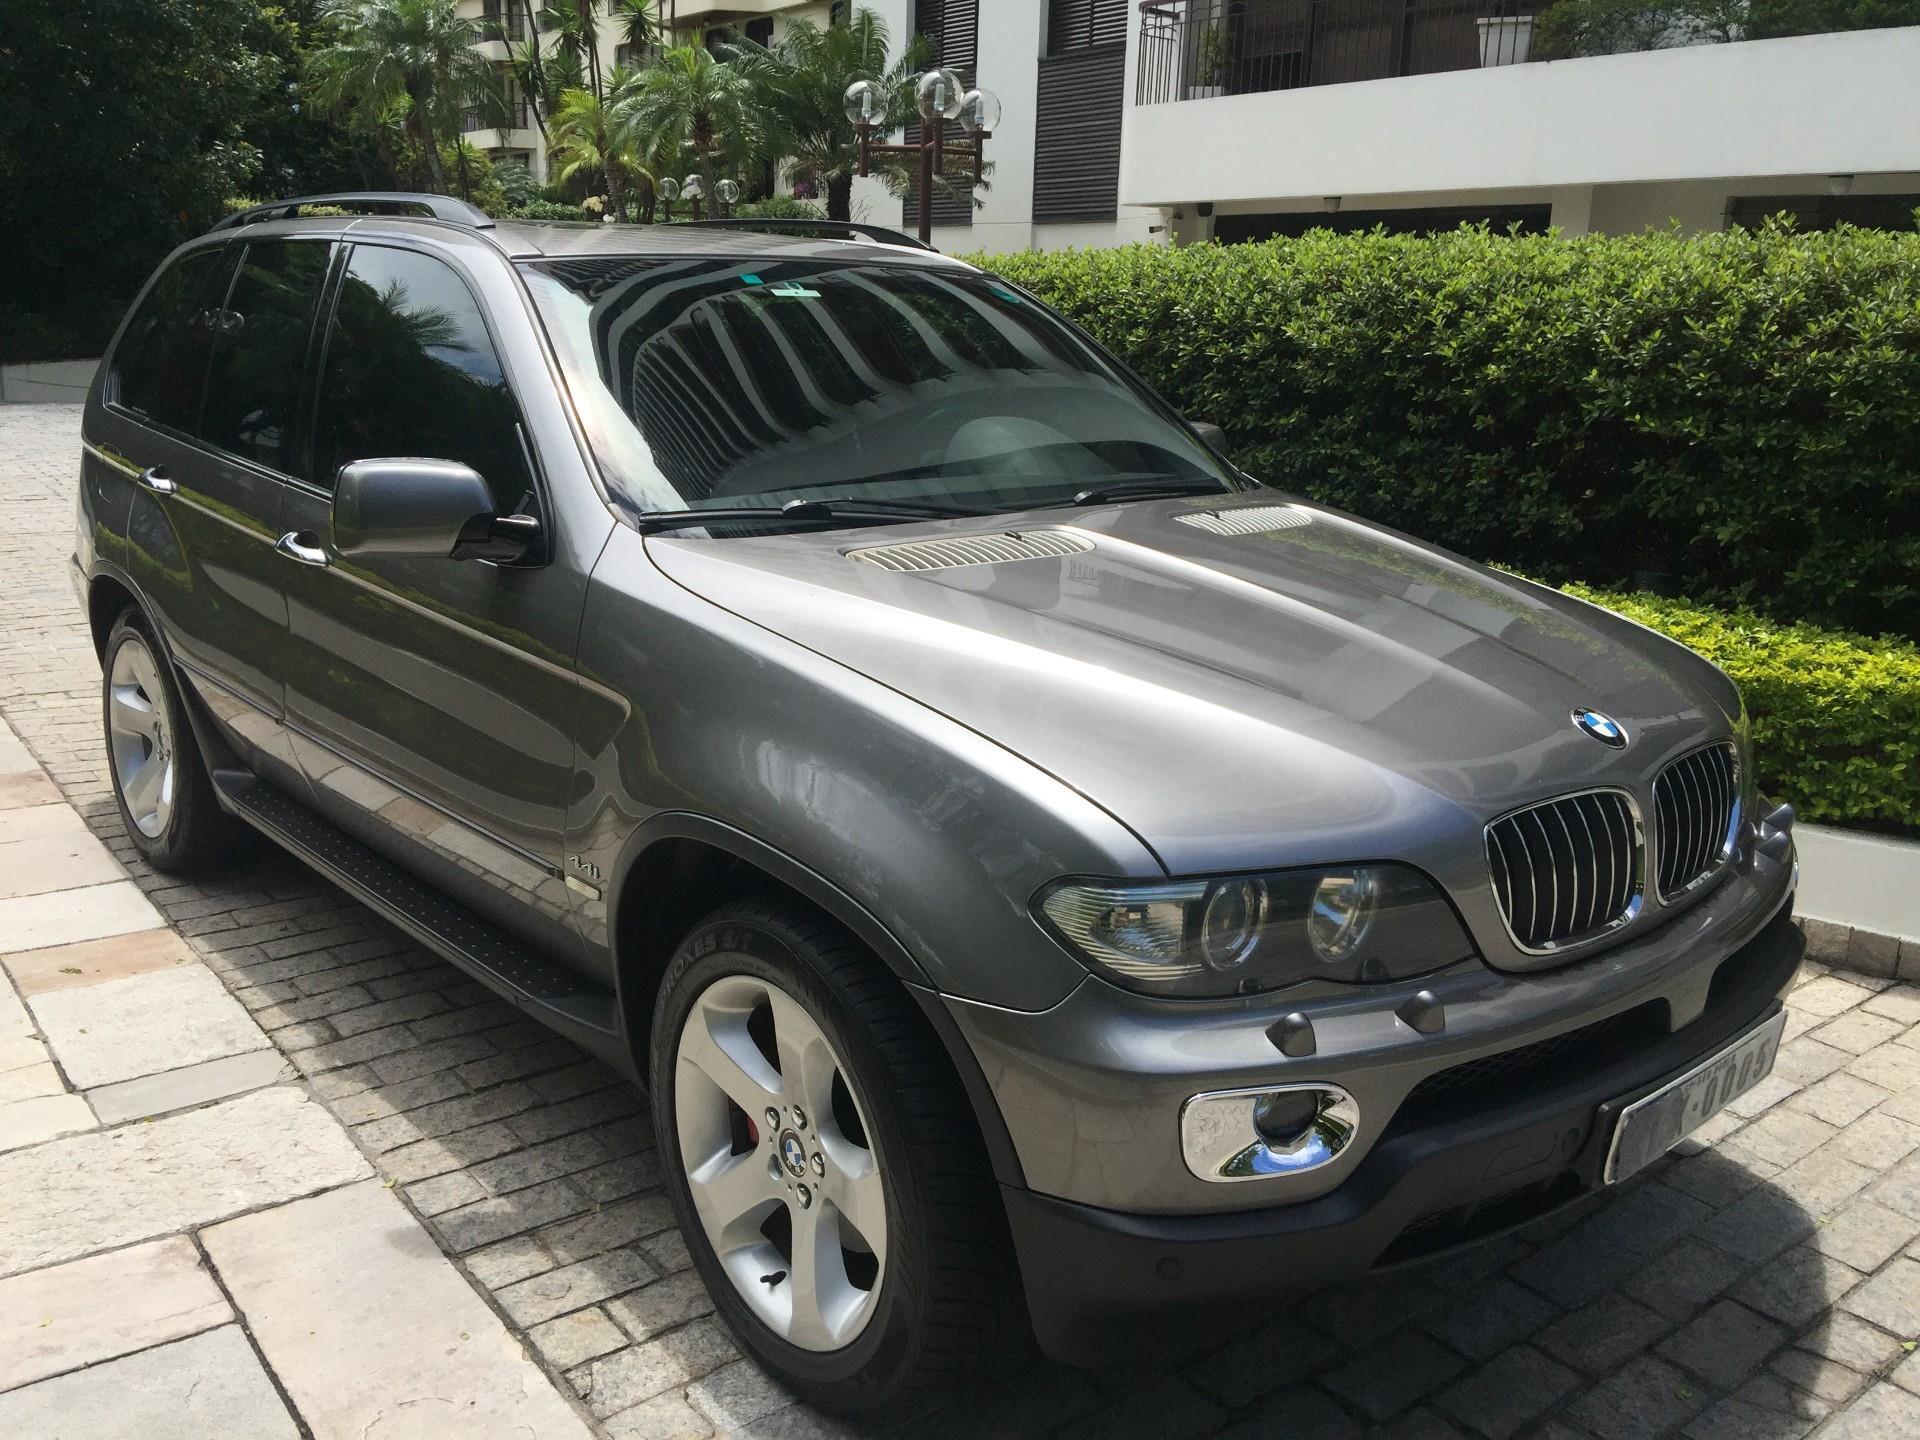 Bmw X5 4.4 Sport 4x4 V8 32v Gasolina 4p Automatico SUVs de luxo